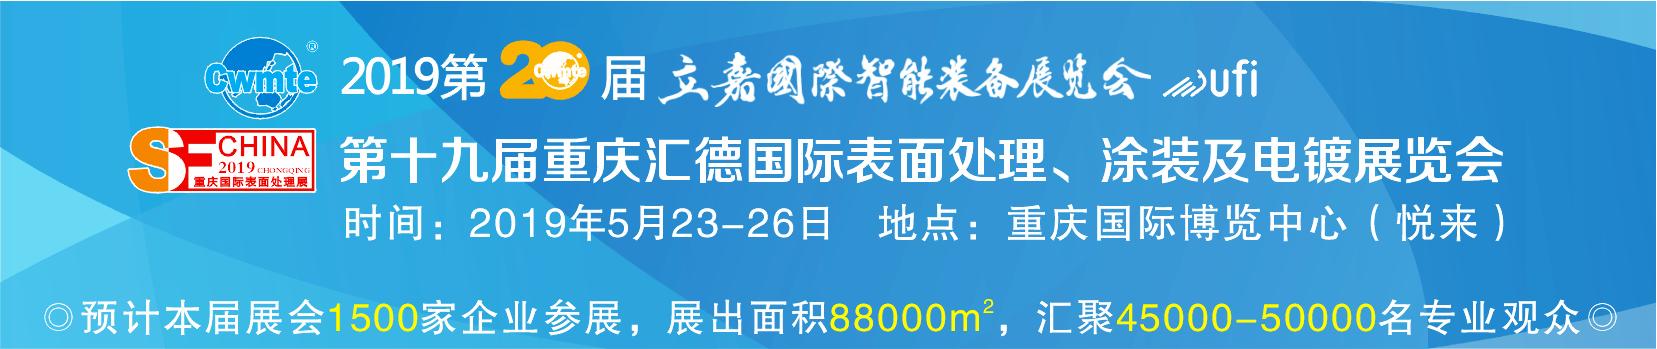 2019第十九届汇德重庆国际表面处理、涂装及电镀展览会